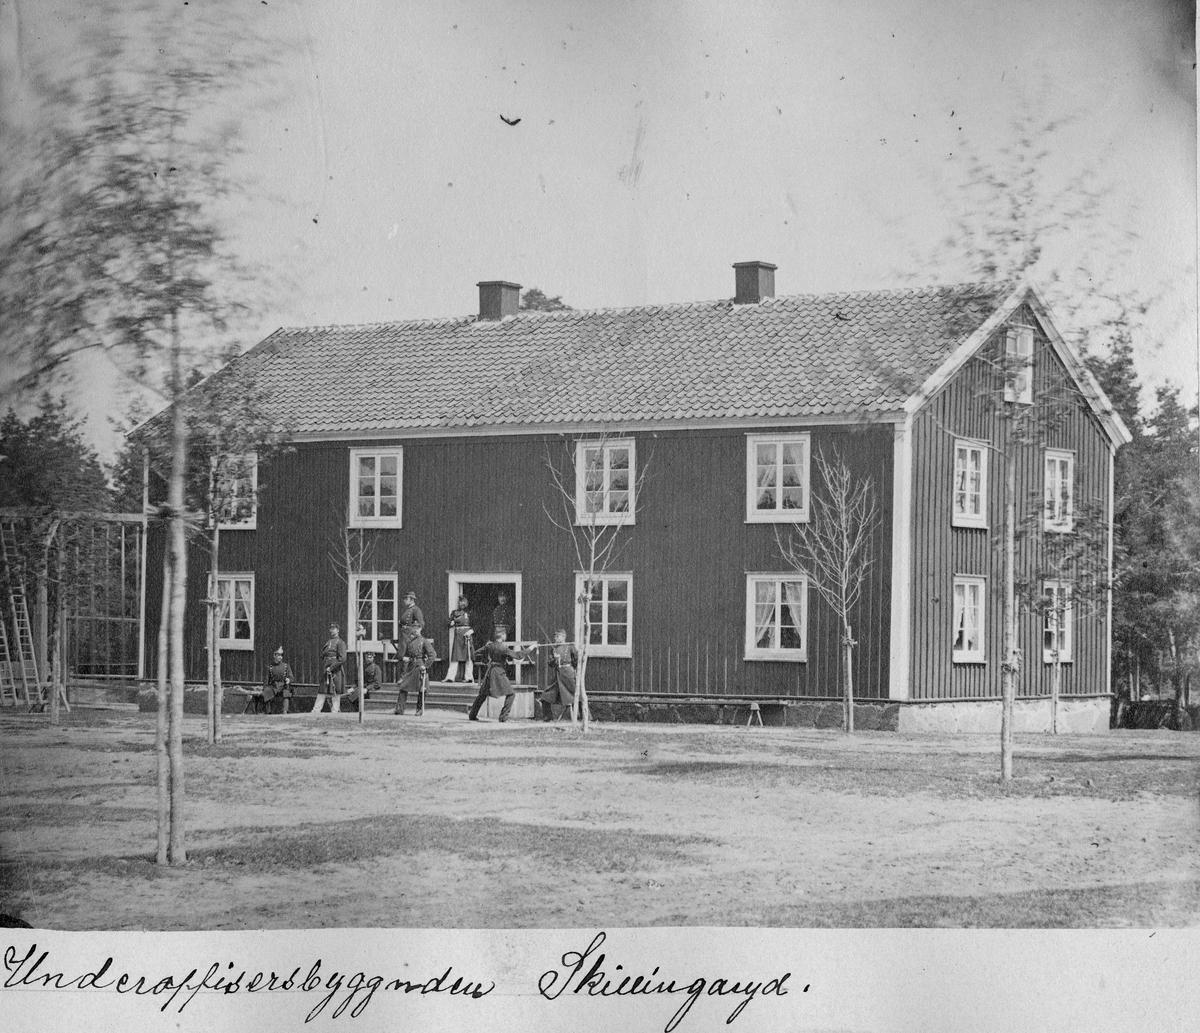 Underofficersbyggnaden vid Skillingaryds skjutfält.